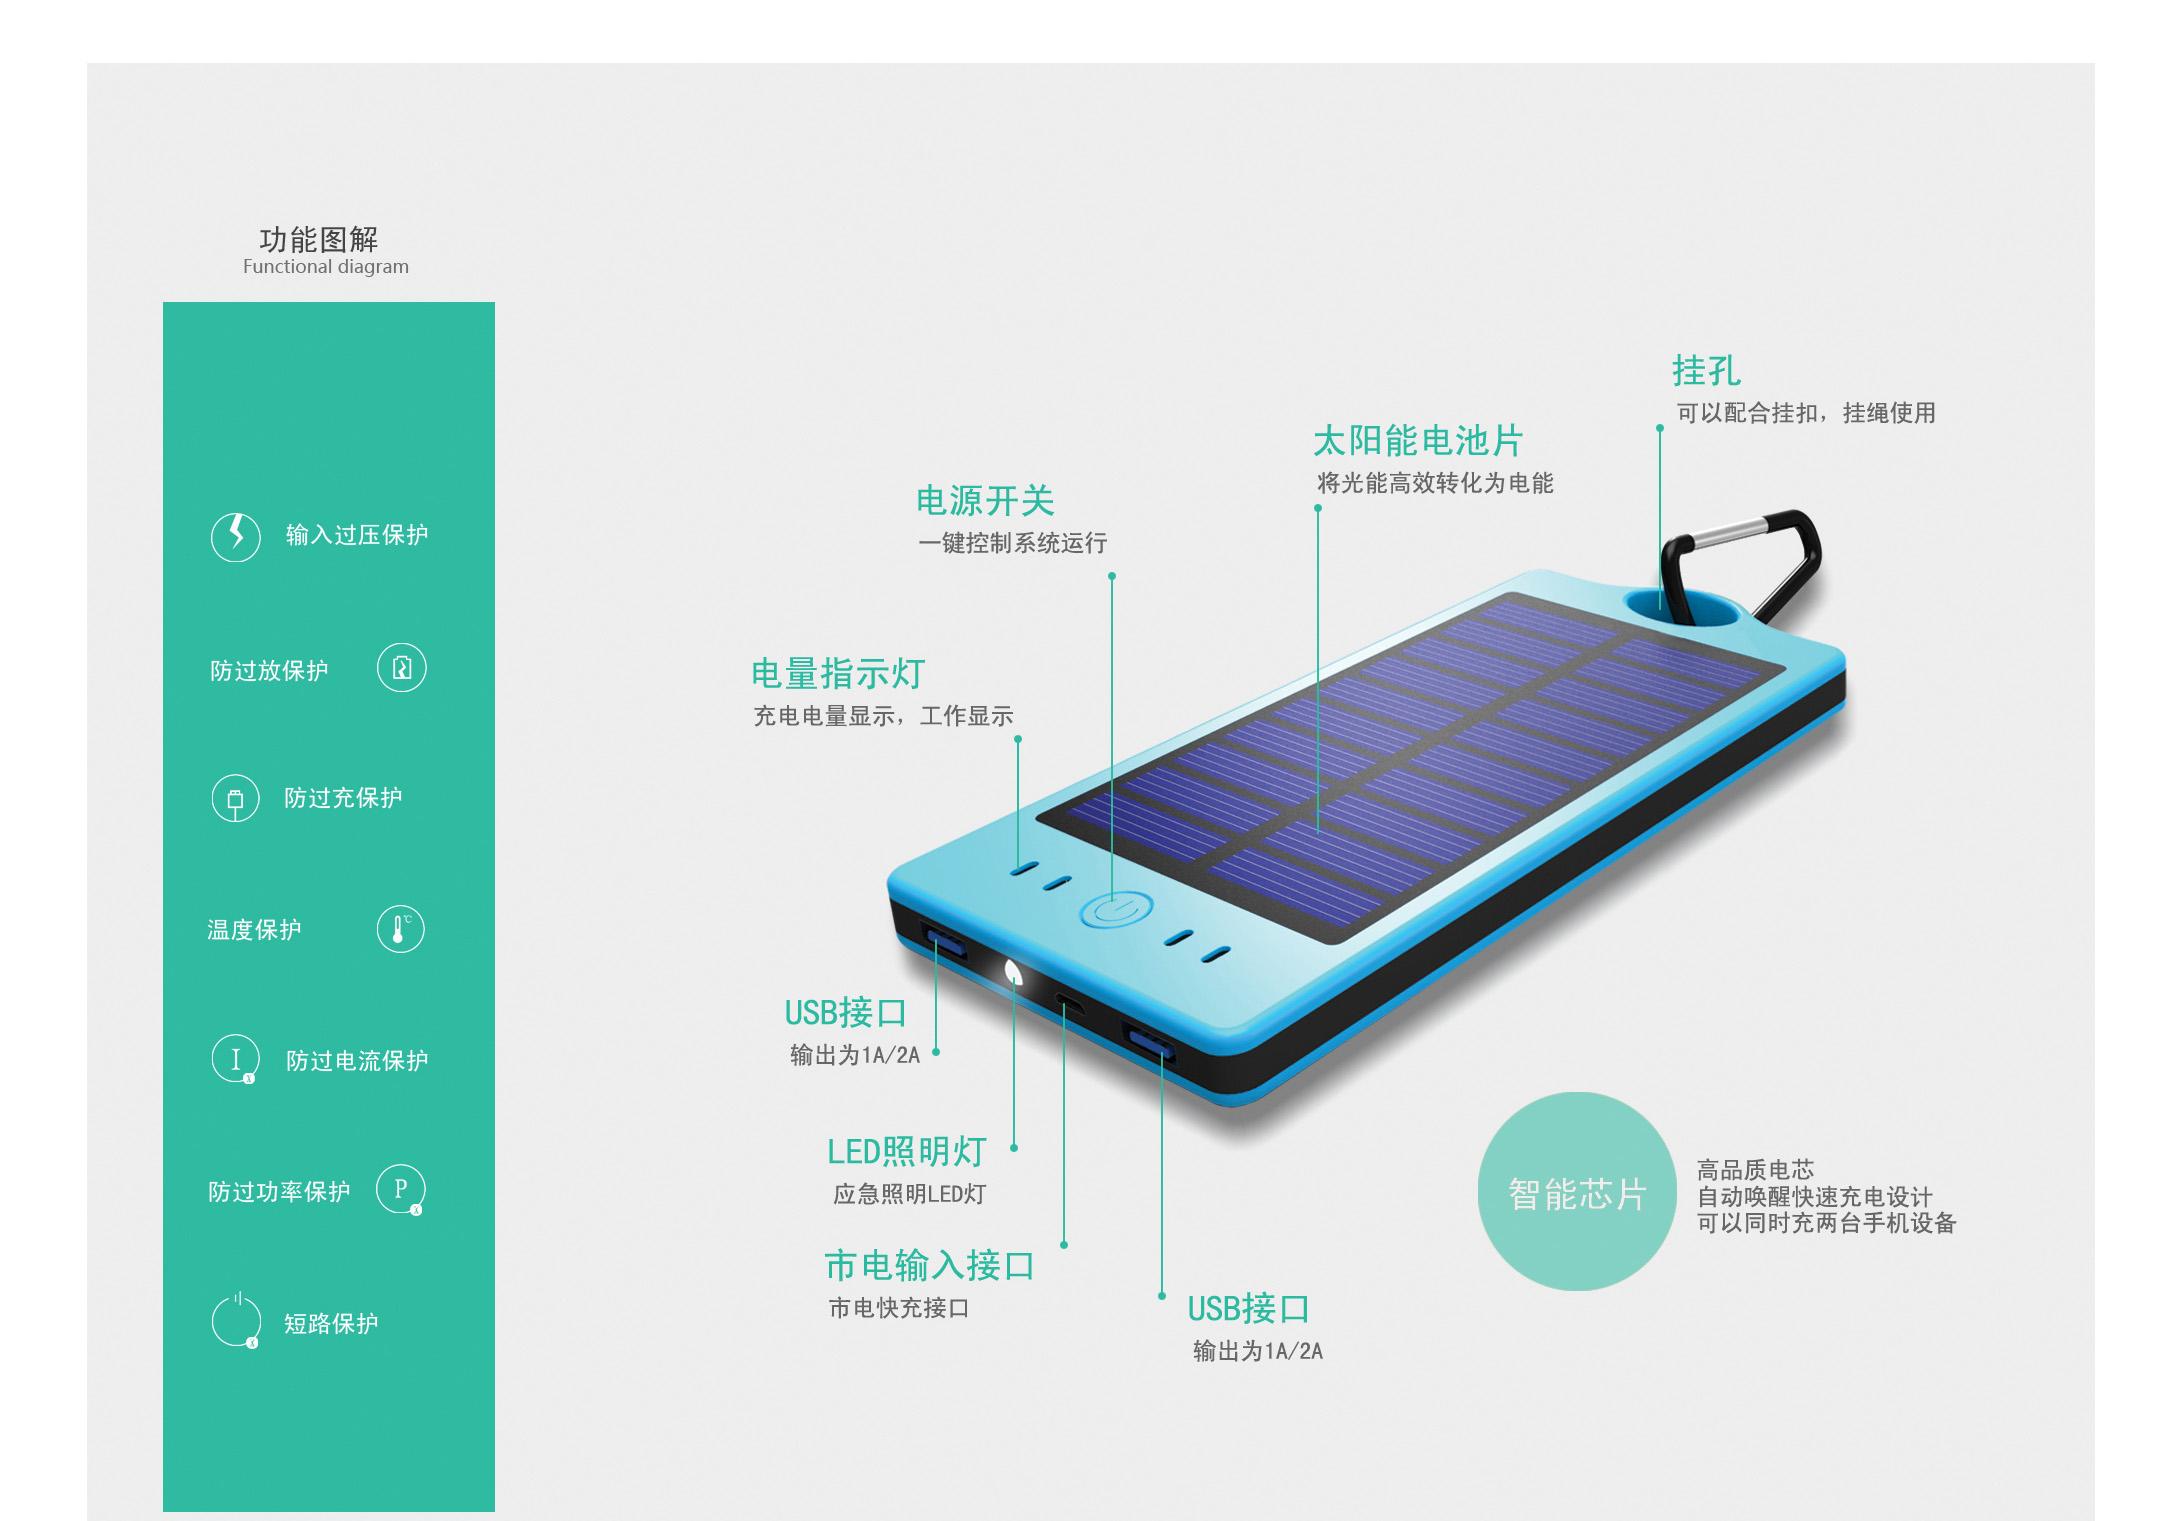 太陽能充電寶-863c4253-f483-41e6-ab9e-2aa0046c4575